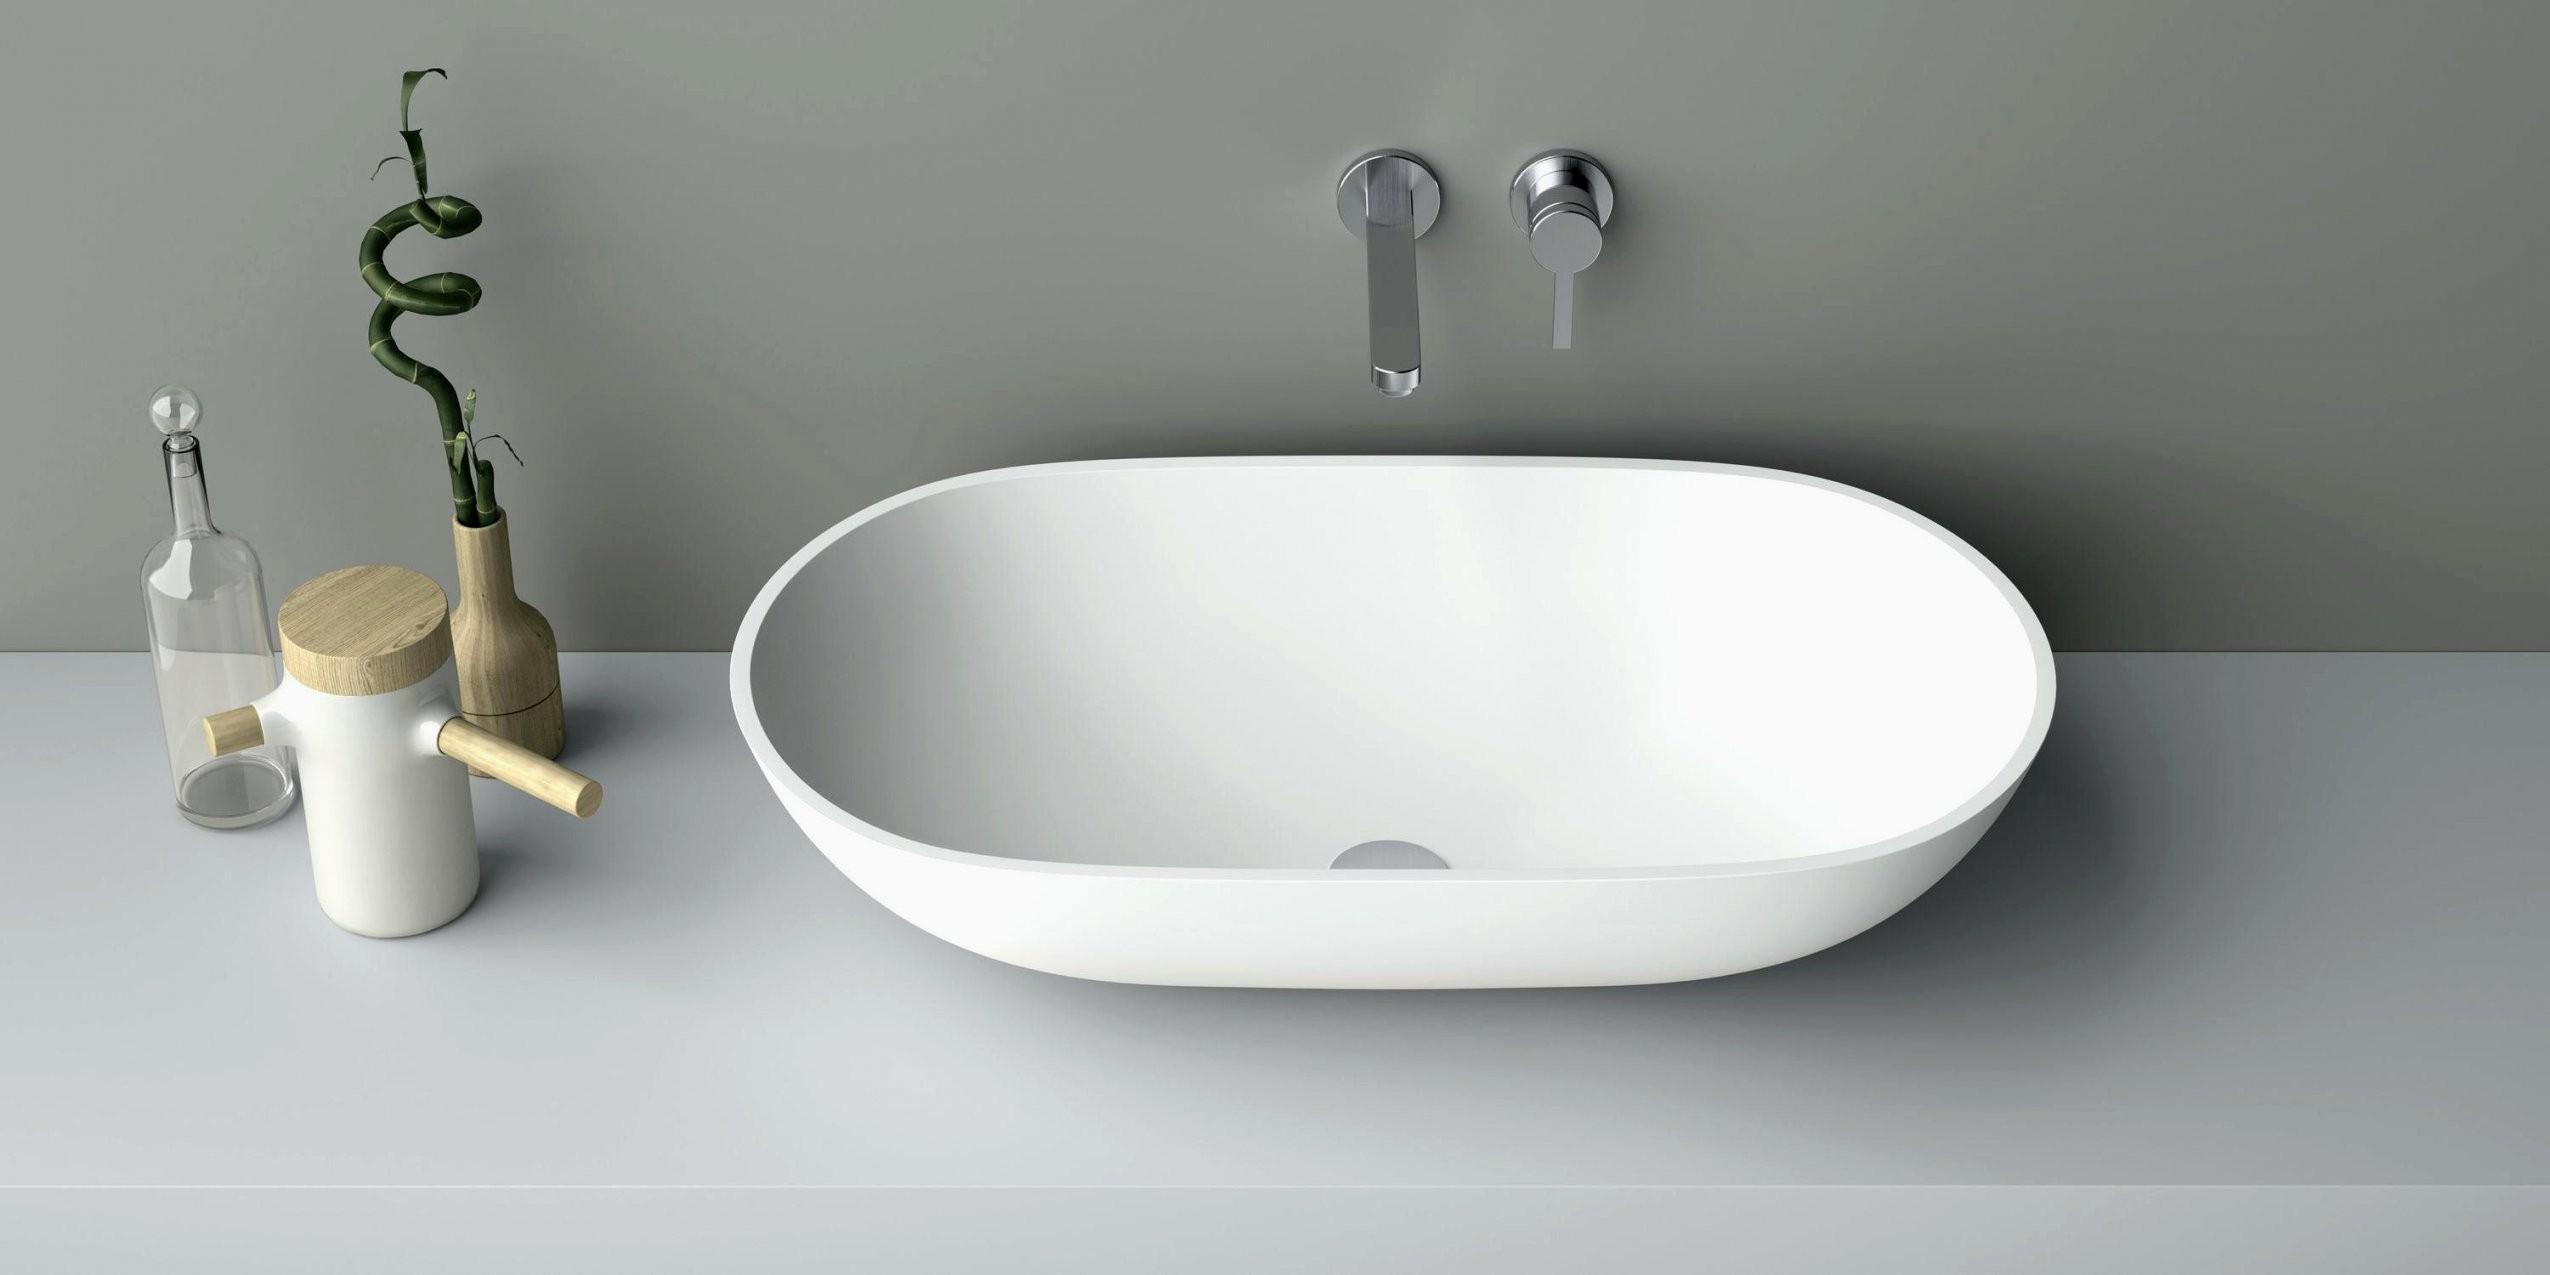 Modernes Gäste Wc Formschön Faszinierend Waschbecken Gäste Wc Klein von Waschbecken Gäste Wc Klein Bild